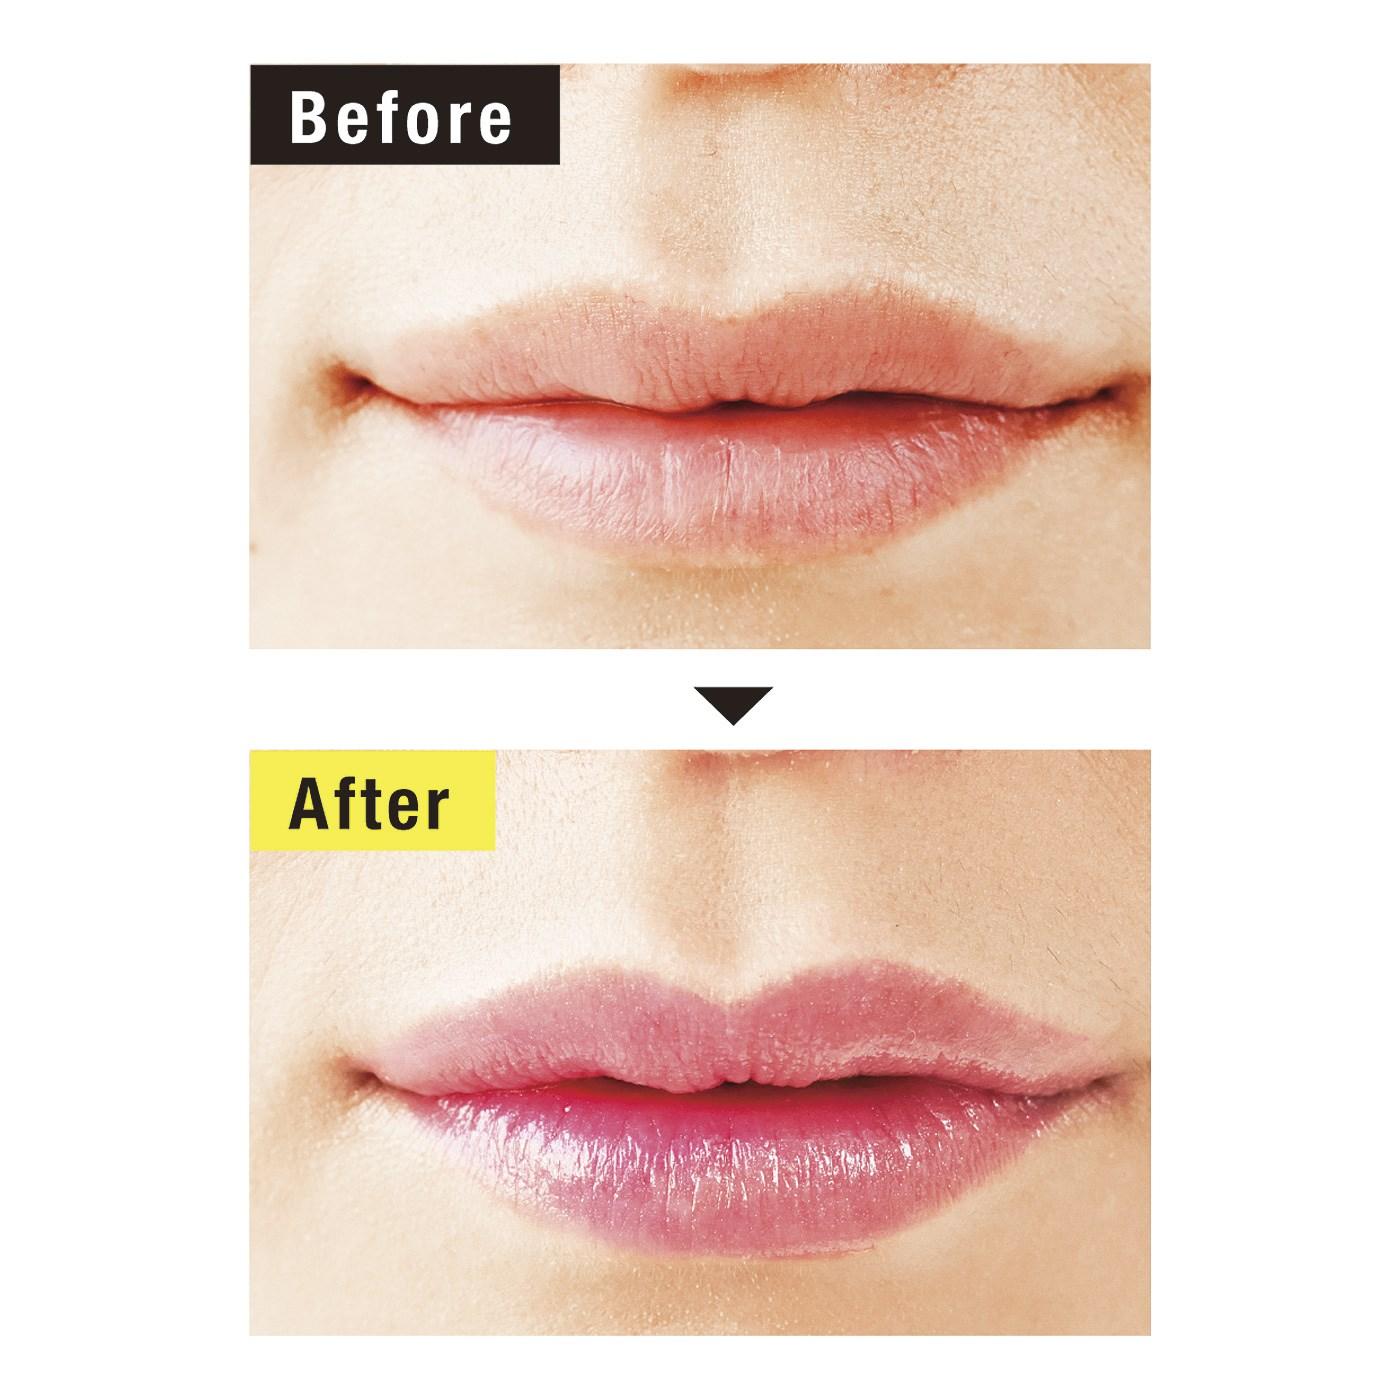 無色のリップが、唇に塗るとキレイに発色!